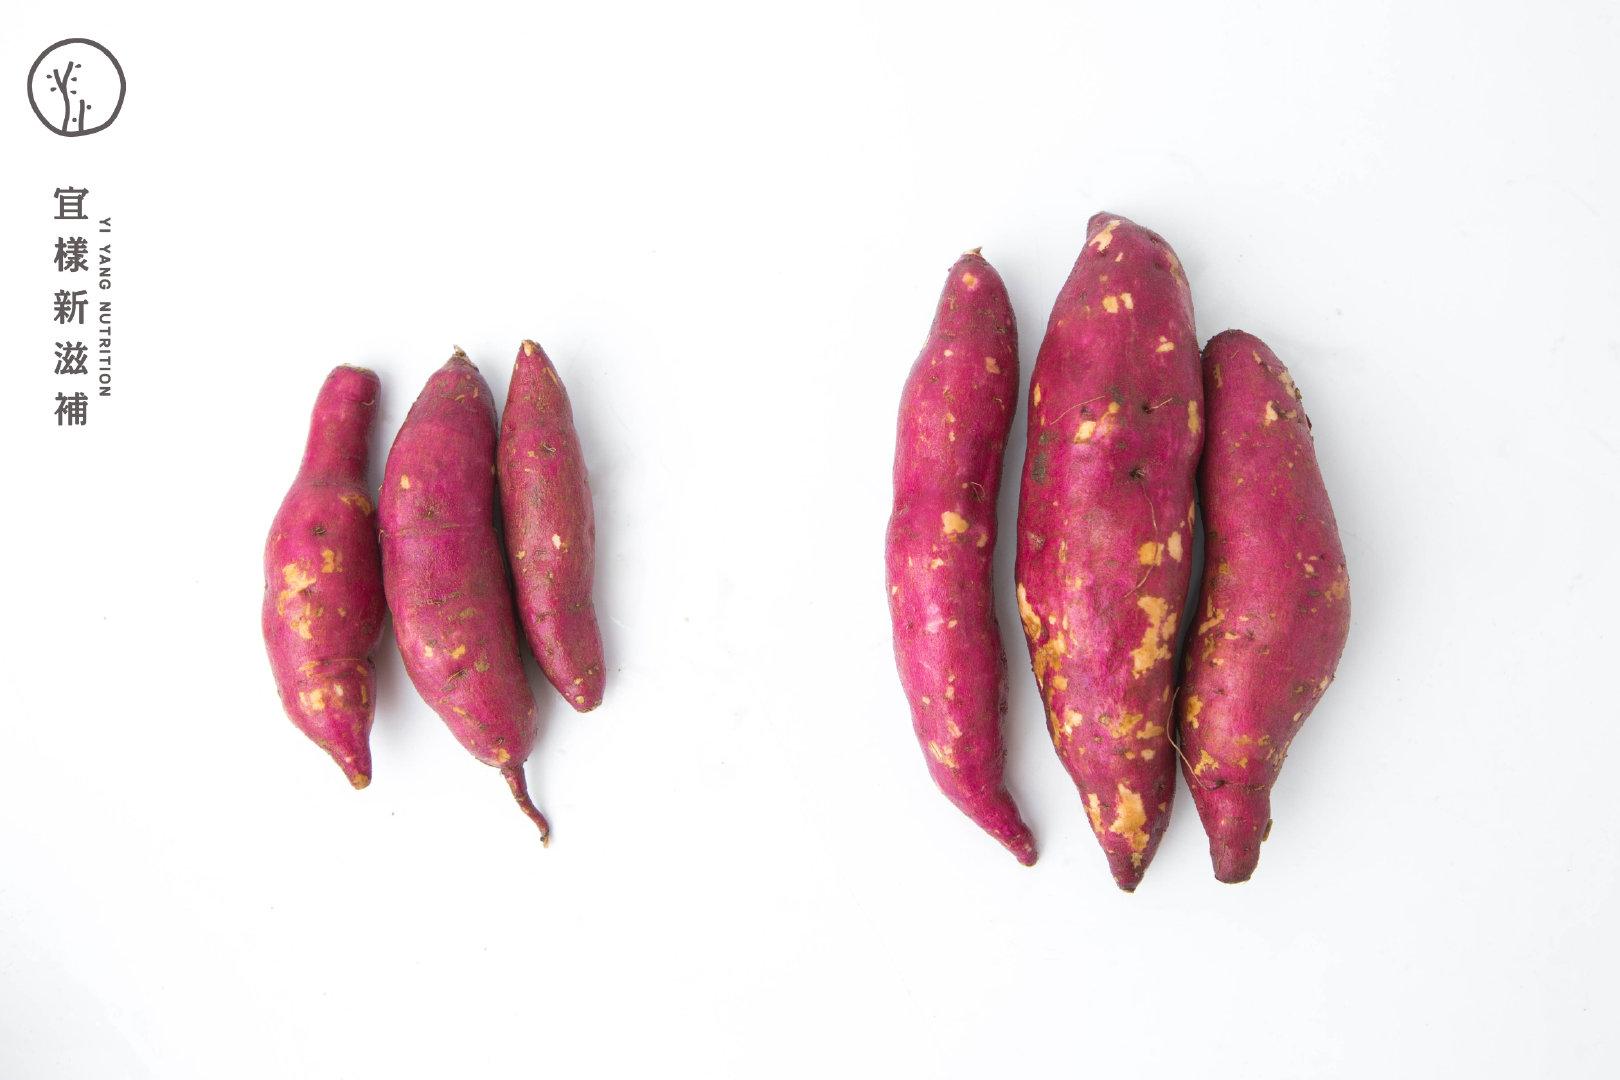 每年的这个时候,连小小的香薯都是恋爱的甜味。薄皮甜心,谷雨种下